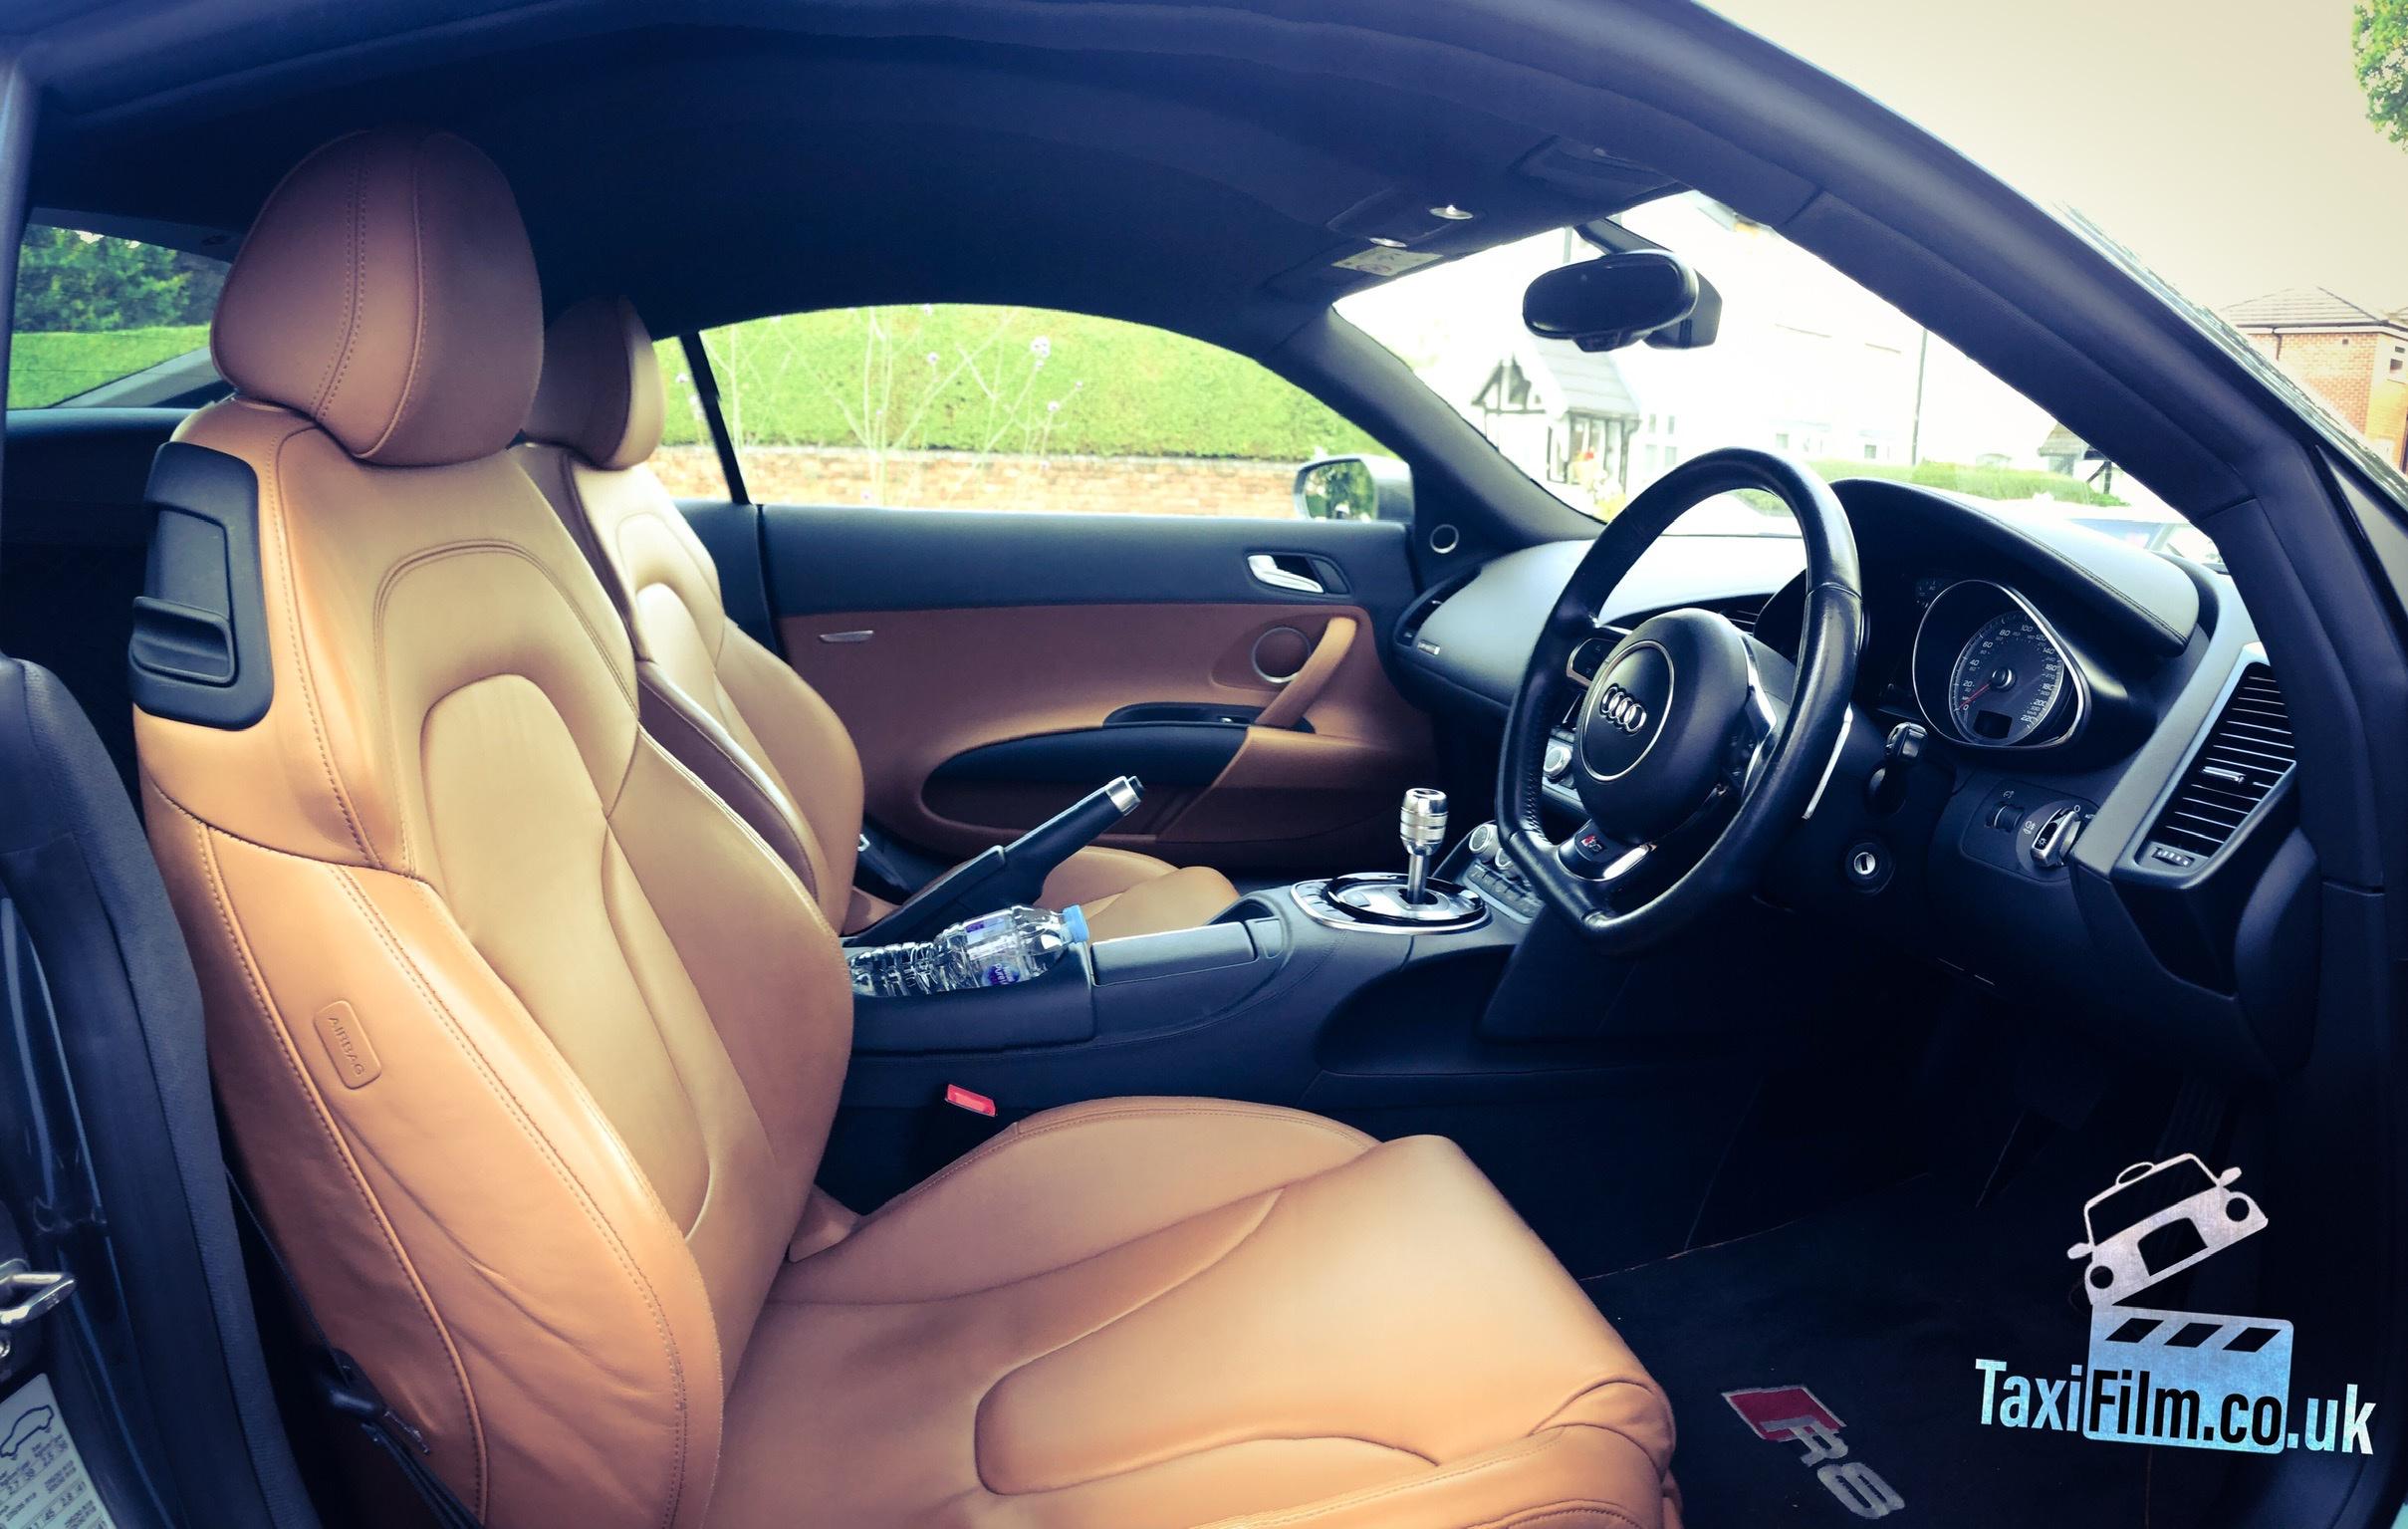 Daytona Grey Audi R8 (V8) 2015, Manchester ref R0002